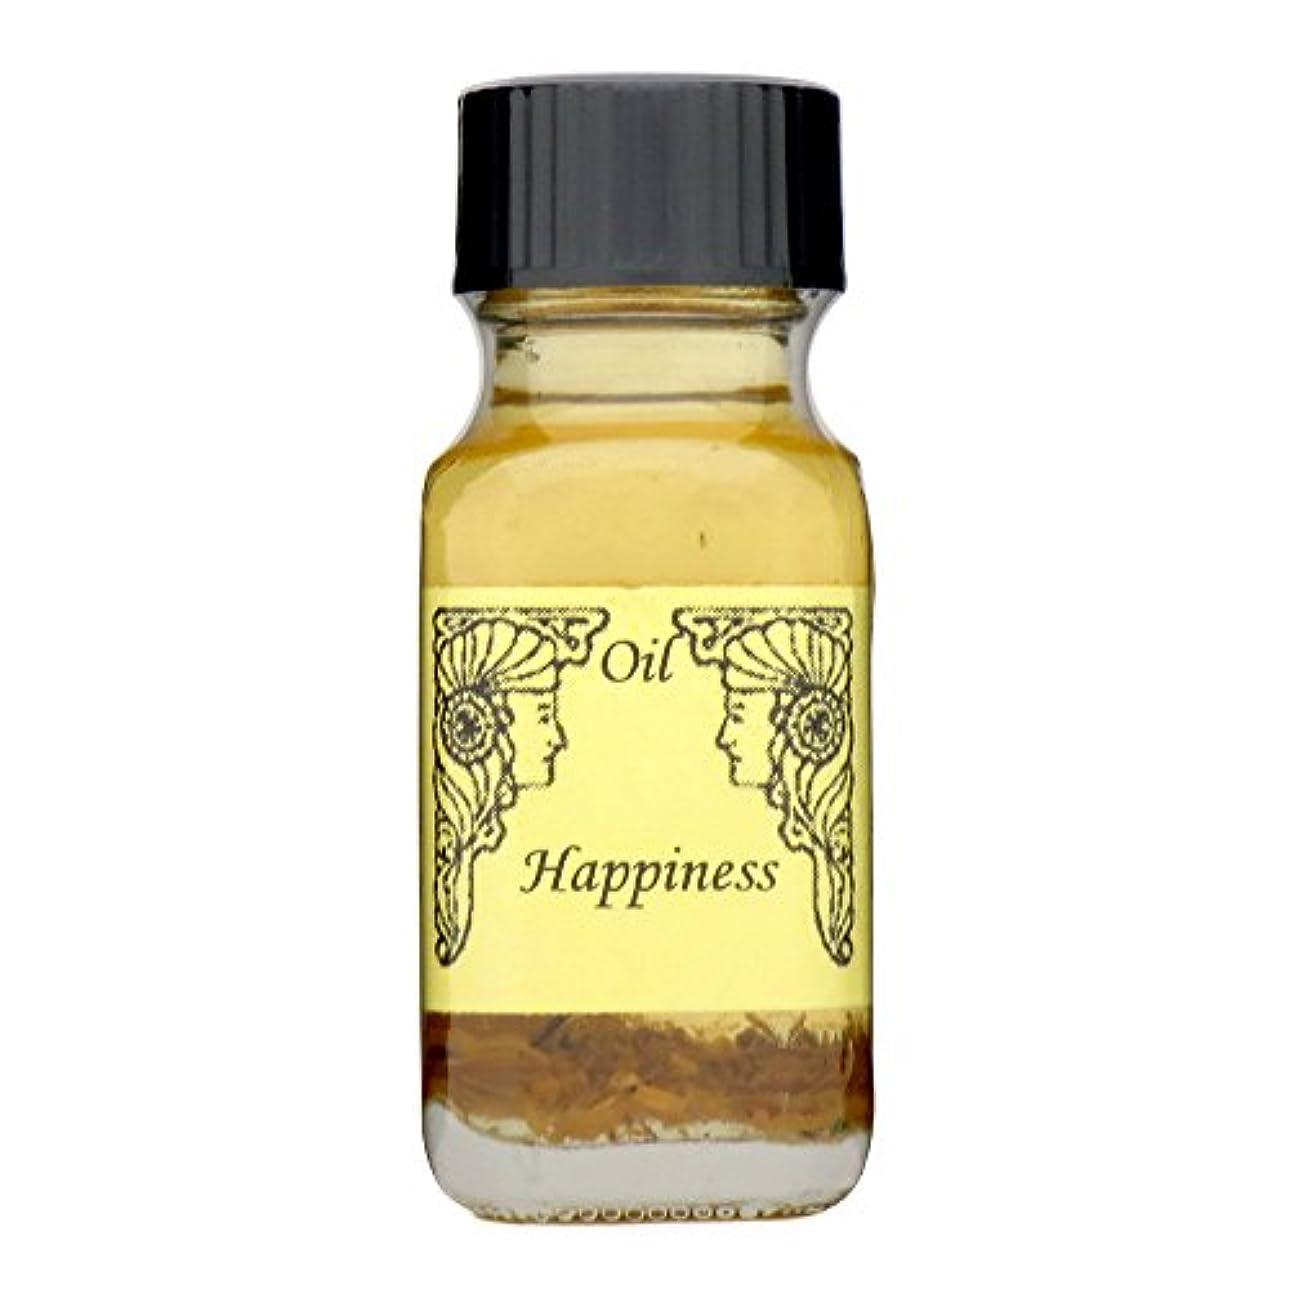 スツールパフかんたんアンシェントメモリーオイル ハピネス (幸福) 15ml (Ancient Memory Oils)